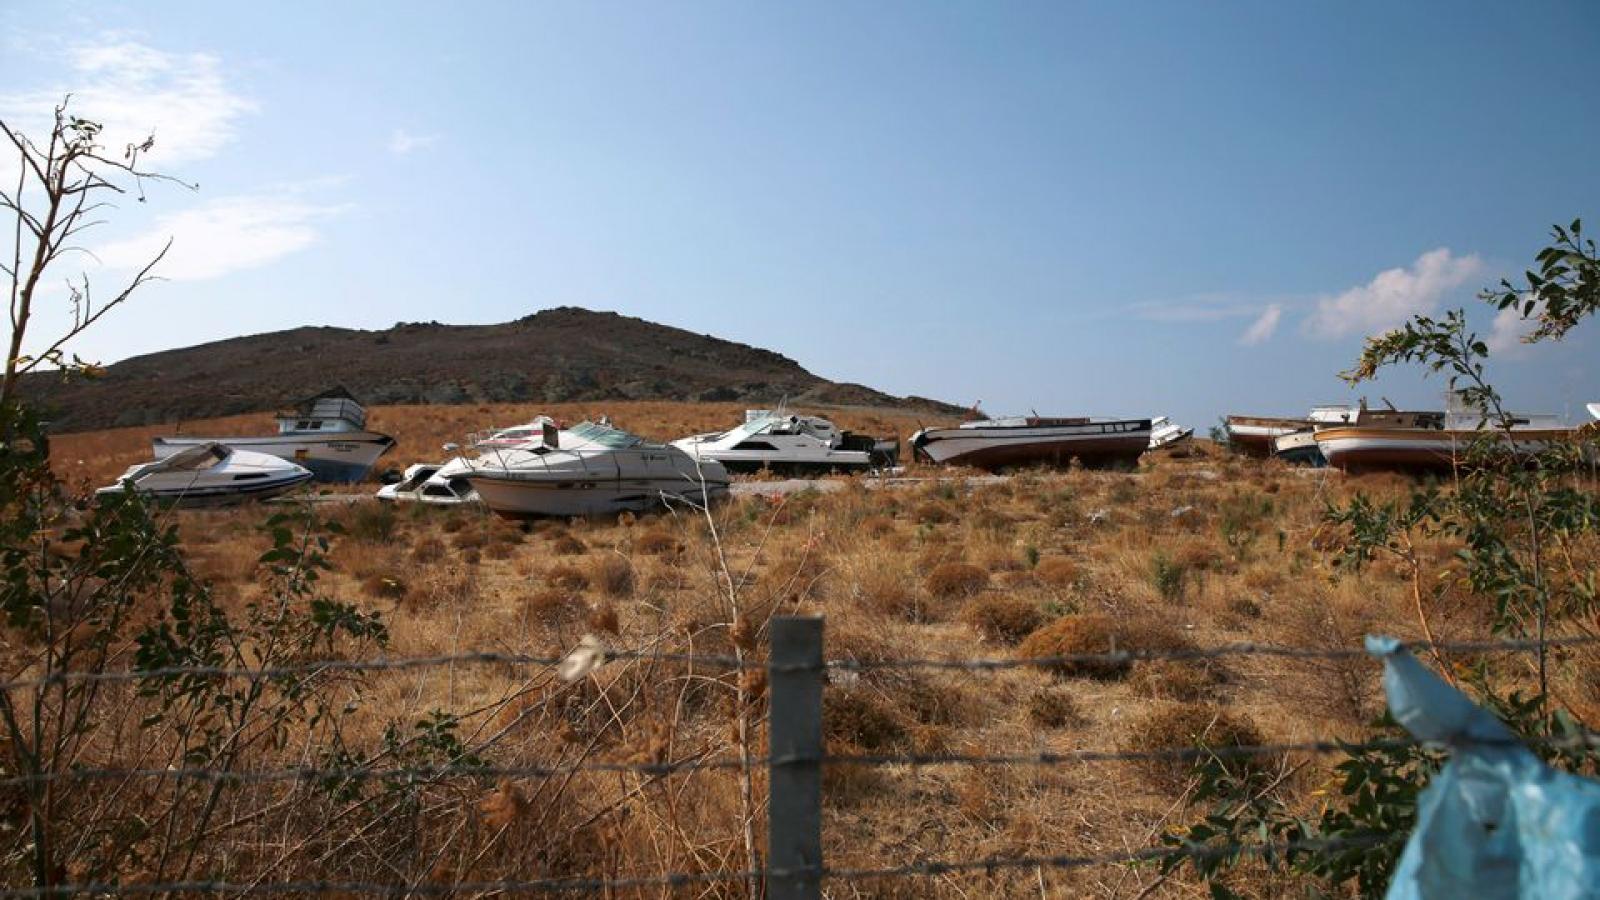 Hy Lạp tăng cường lực lượng ở biên giới để ngăn chặn nguy cơ khủng hoảng di cư mới